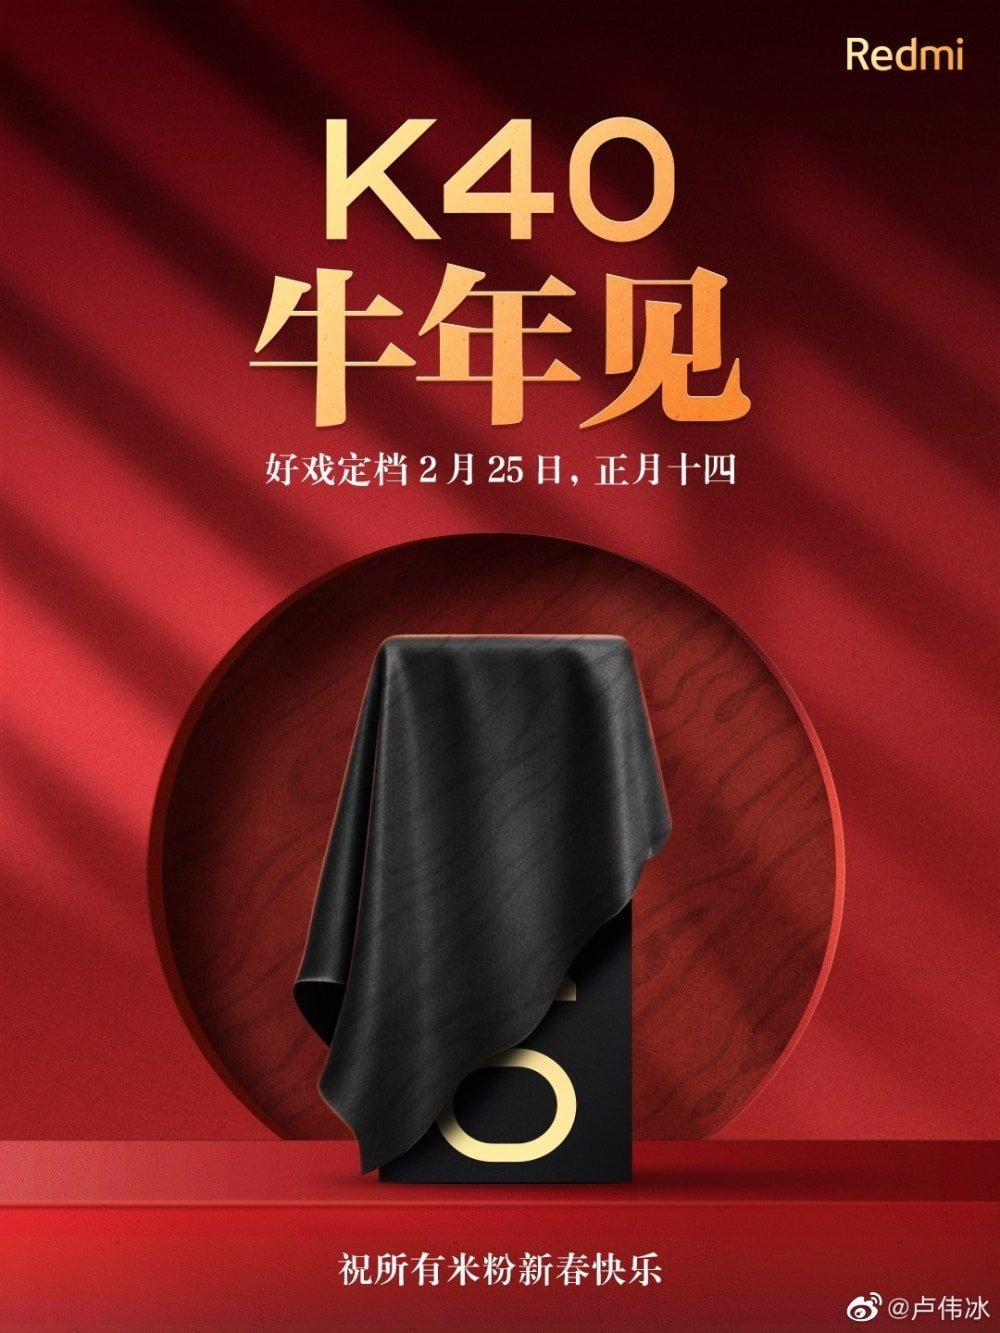 Imagem mostra caixa do K40, talvez na versão Pro, com Snapdragon 888, parcialmente coberta para manter mistério